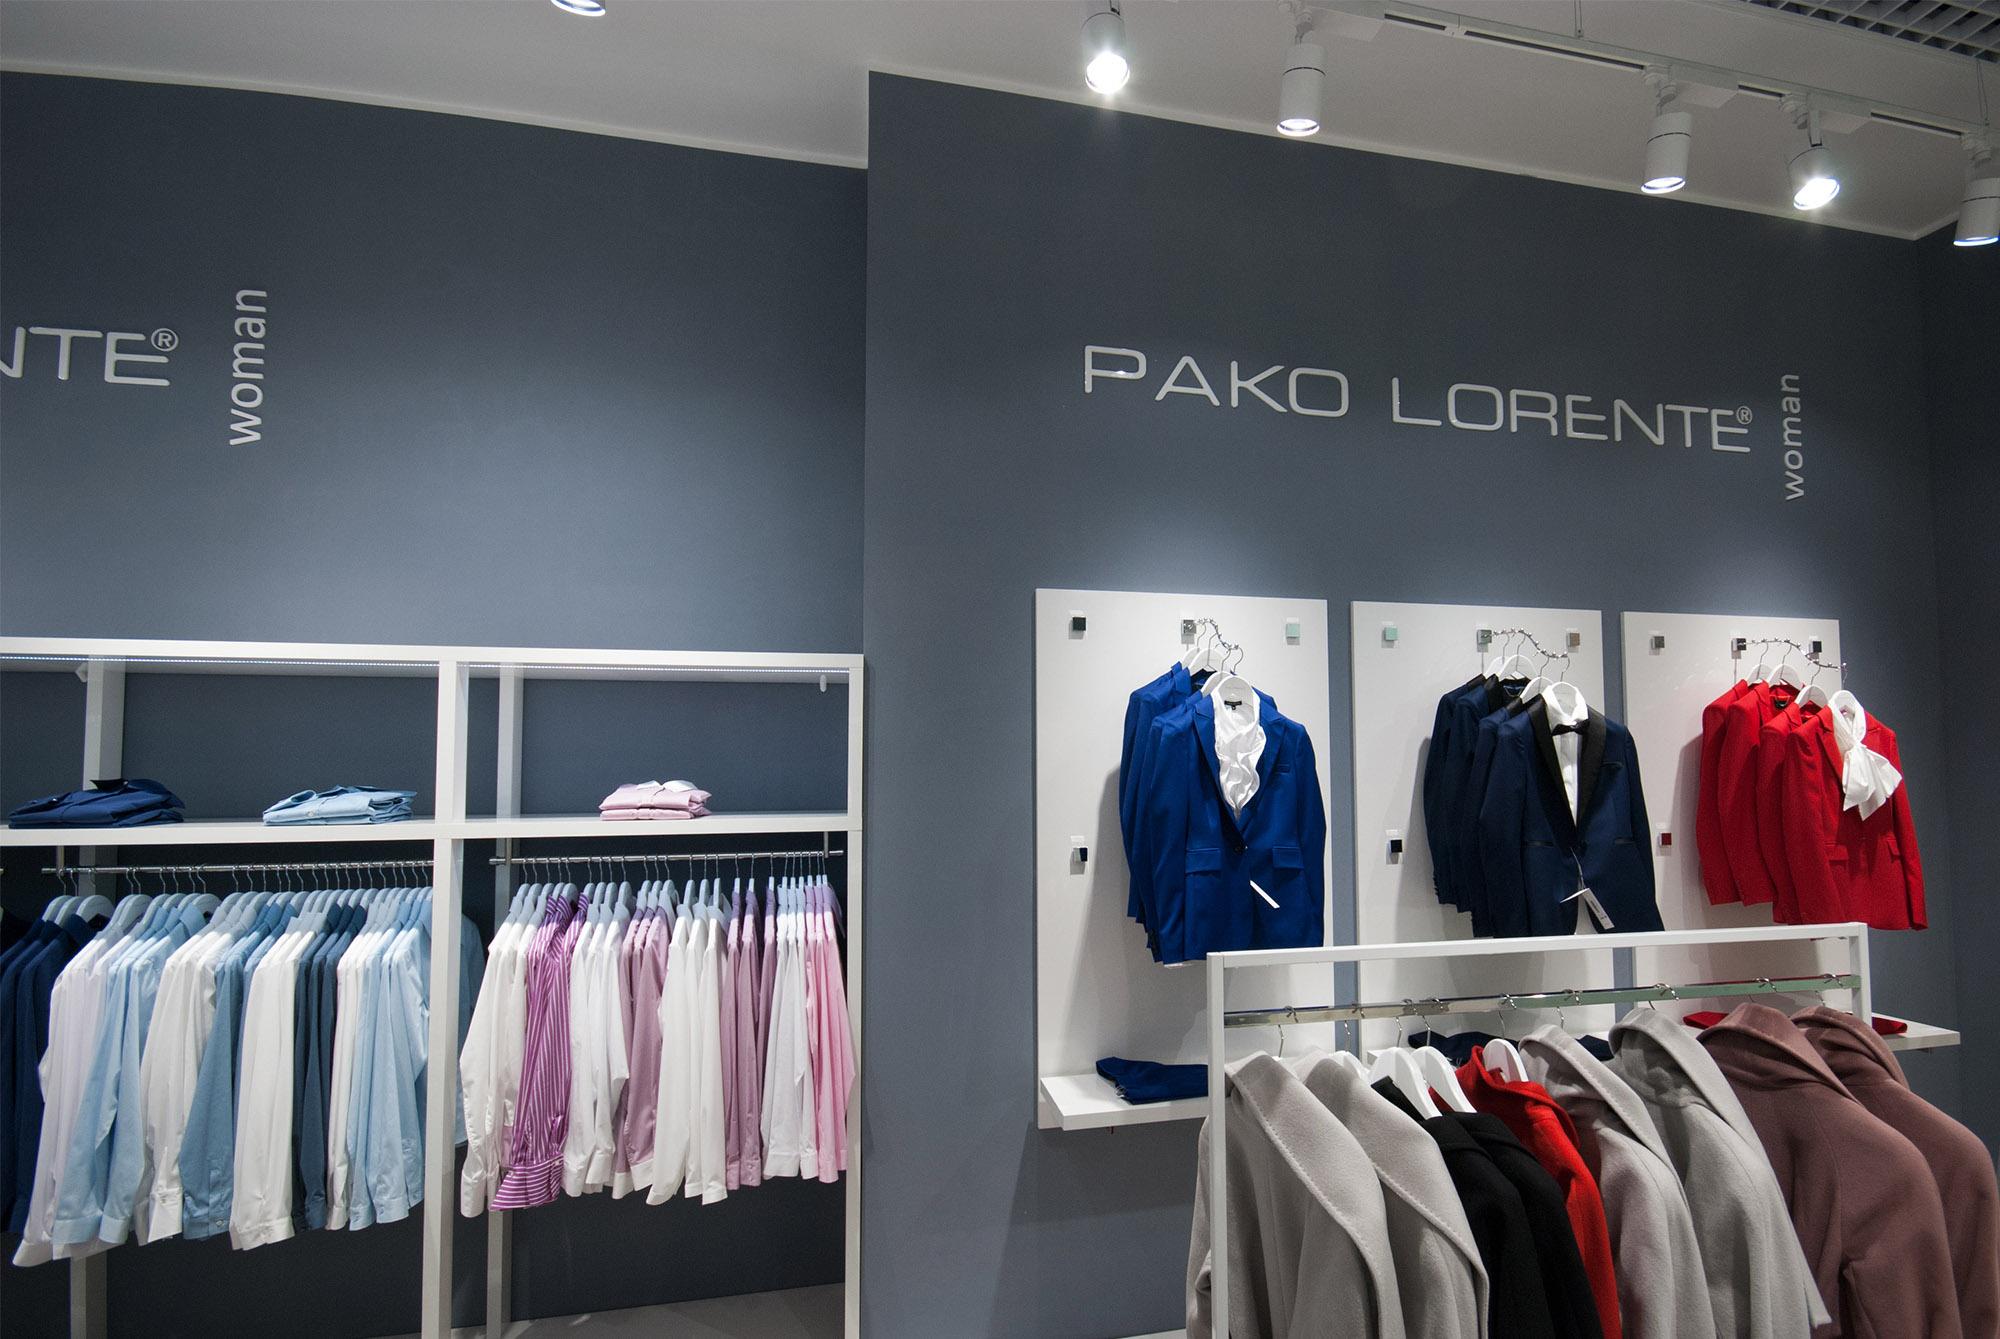 Salon Pako Lorente Woman, Wrocław